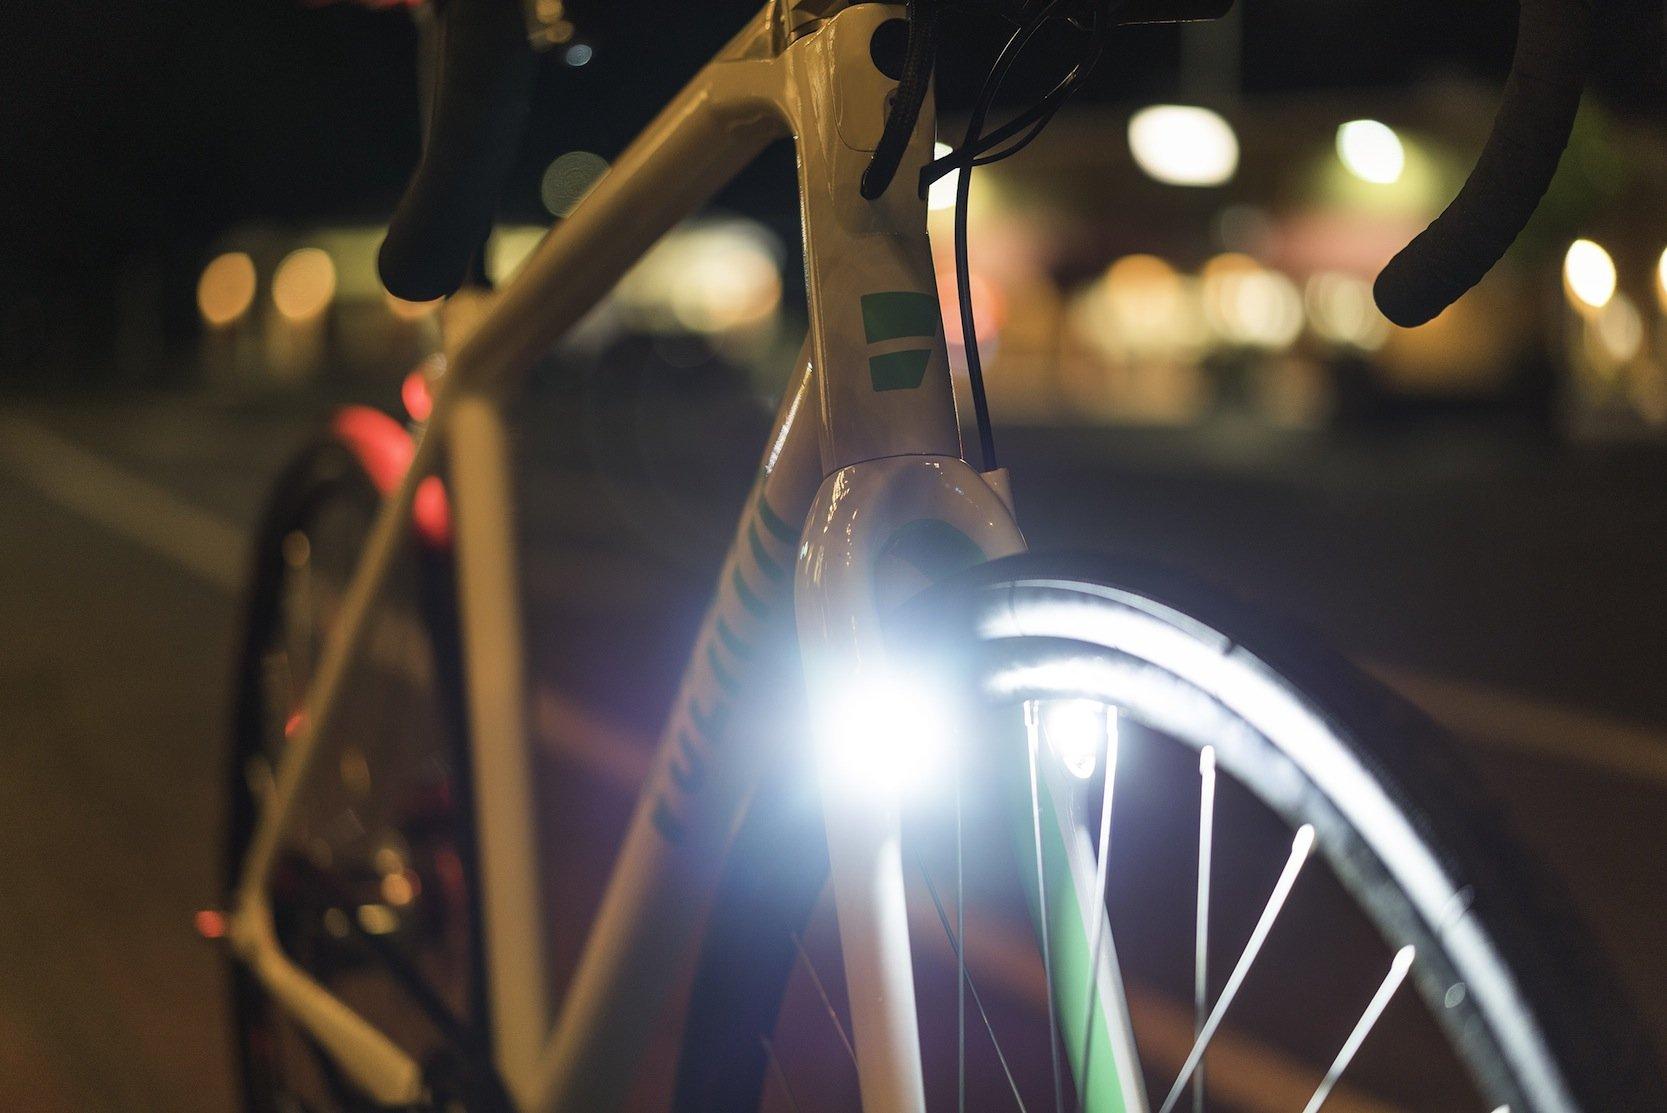 Die LED-Beleuchtung ist im Rahmen integriert. Der Frontstrahler erreicht eine Leistung von 300 Lumen.